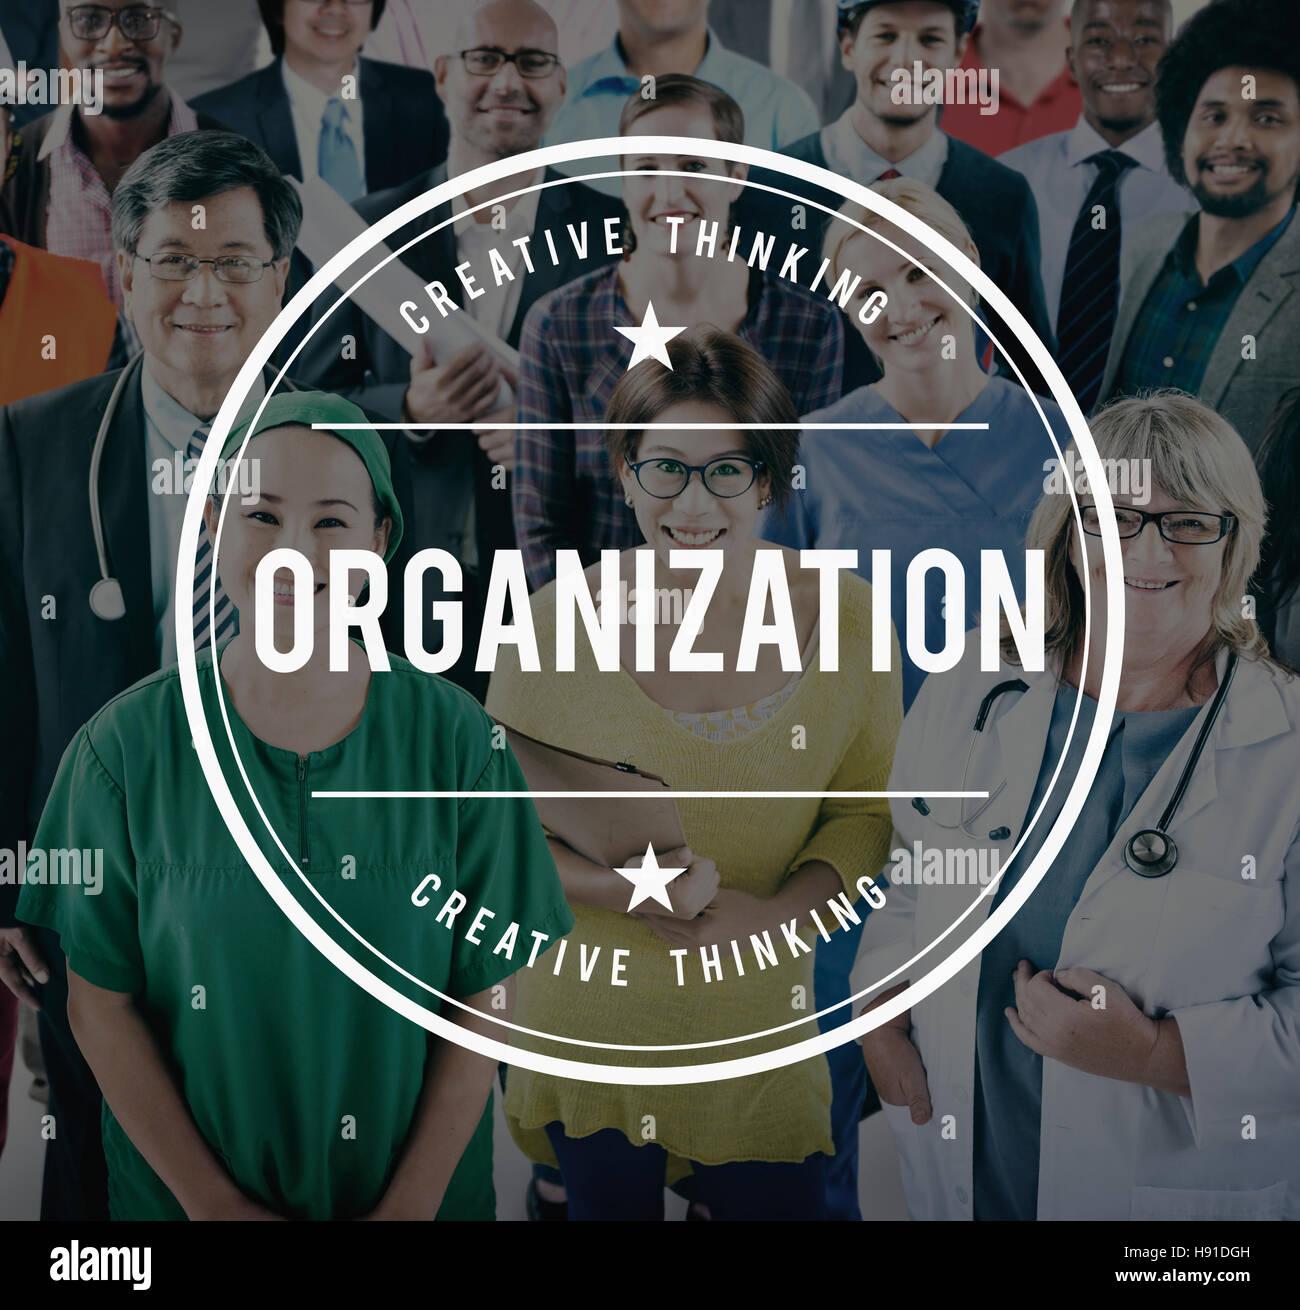 Organizzazione Struttura sorgente concetto di produttività Immagini Stock